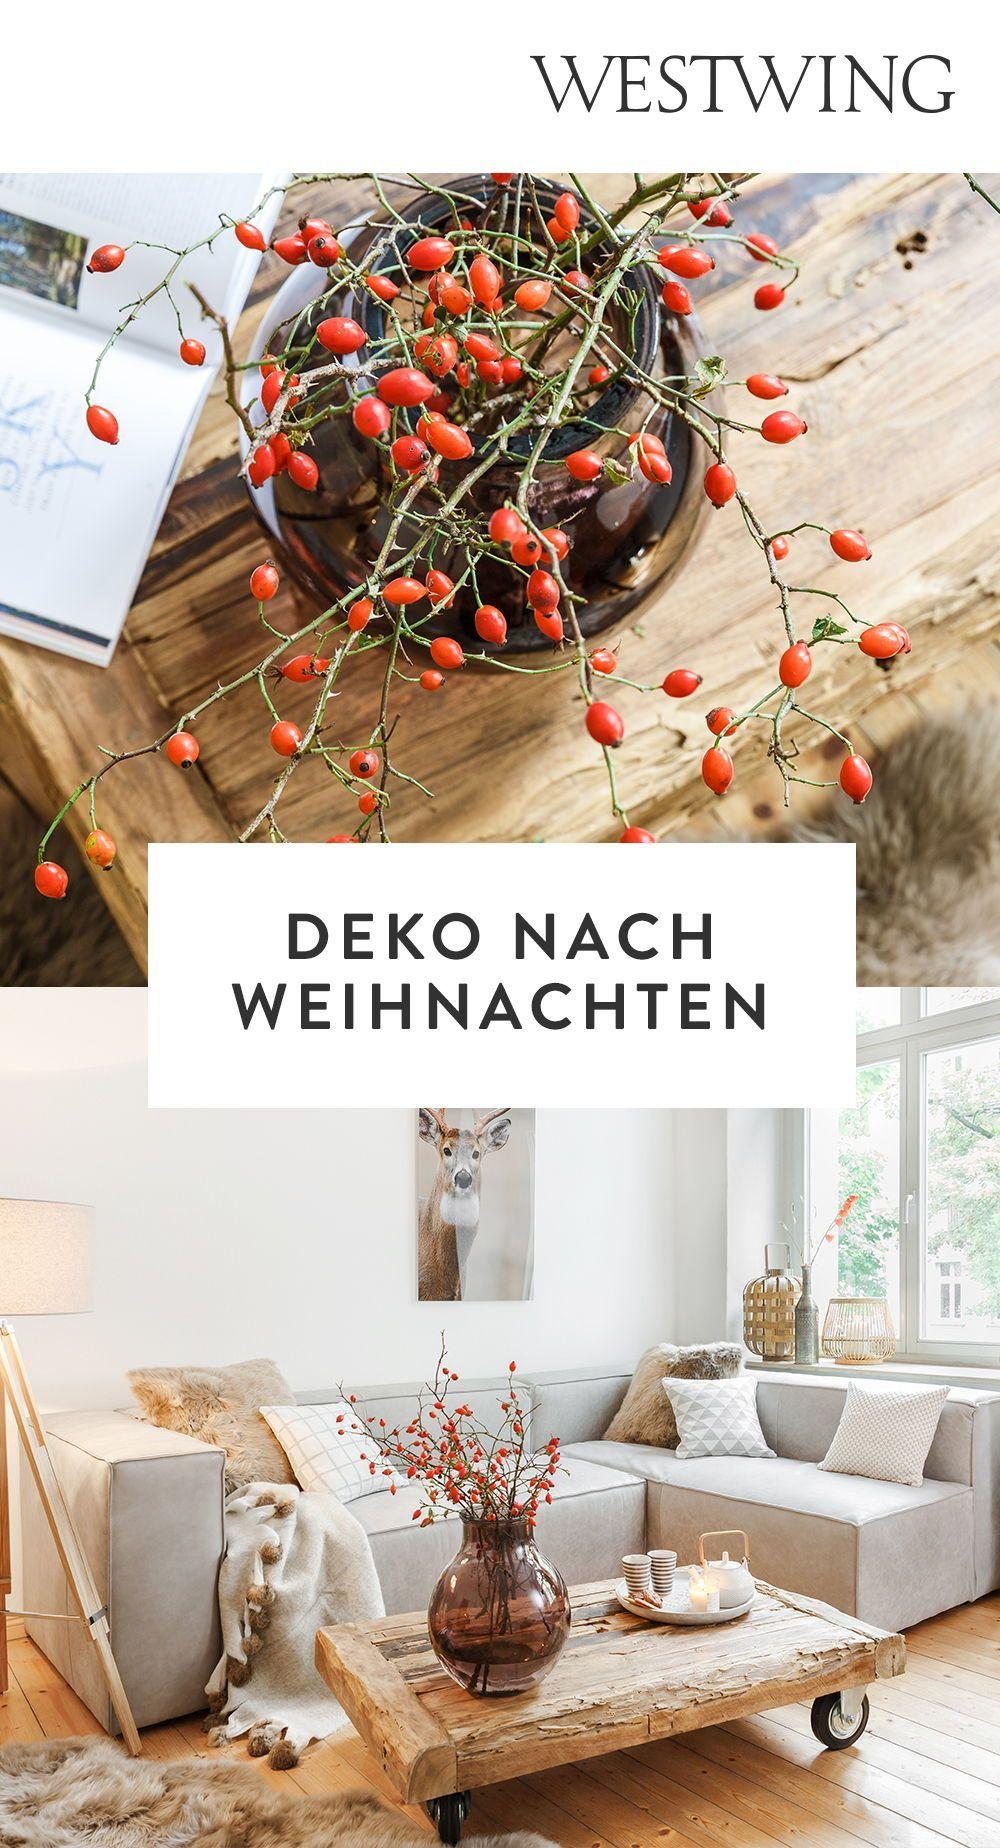 Deko nach Weihnachten: Ideen und Tipps